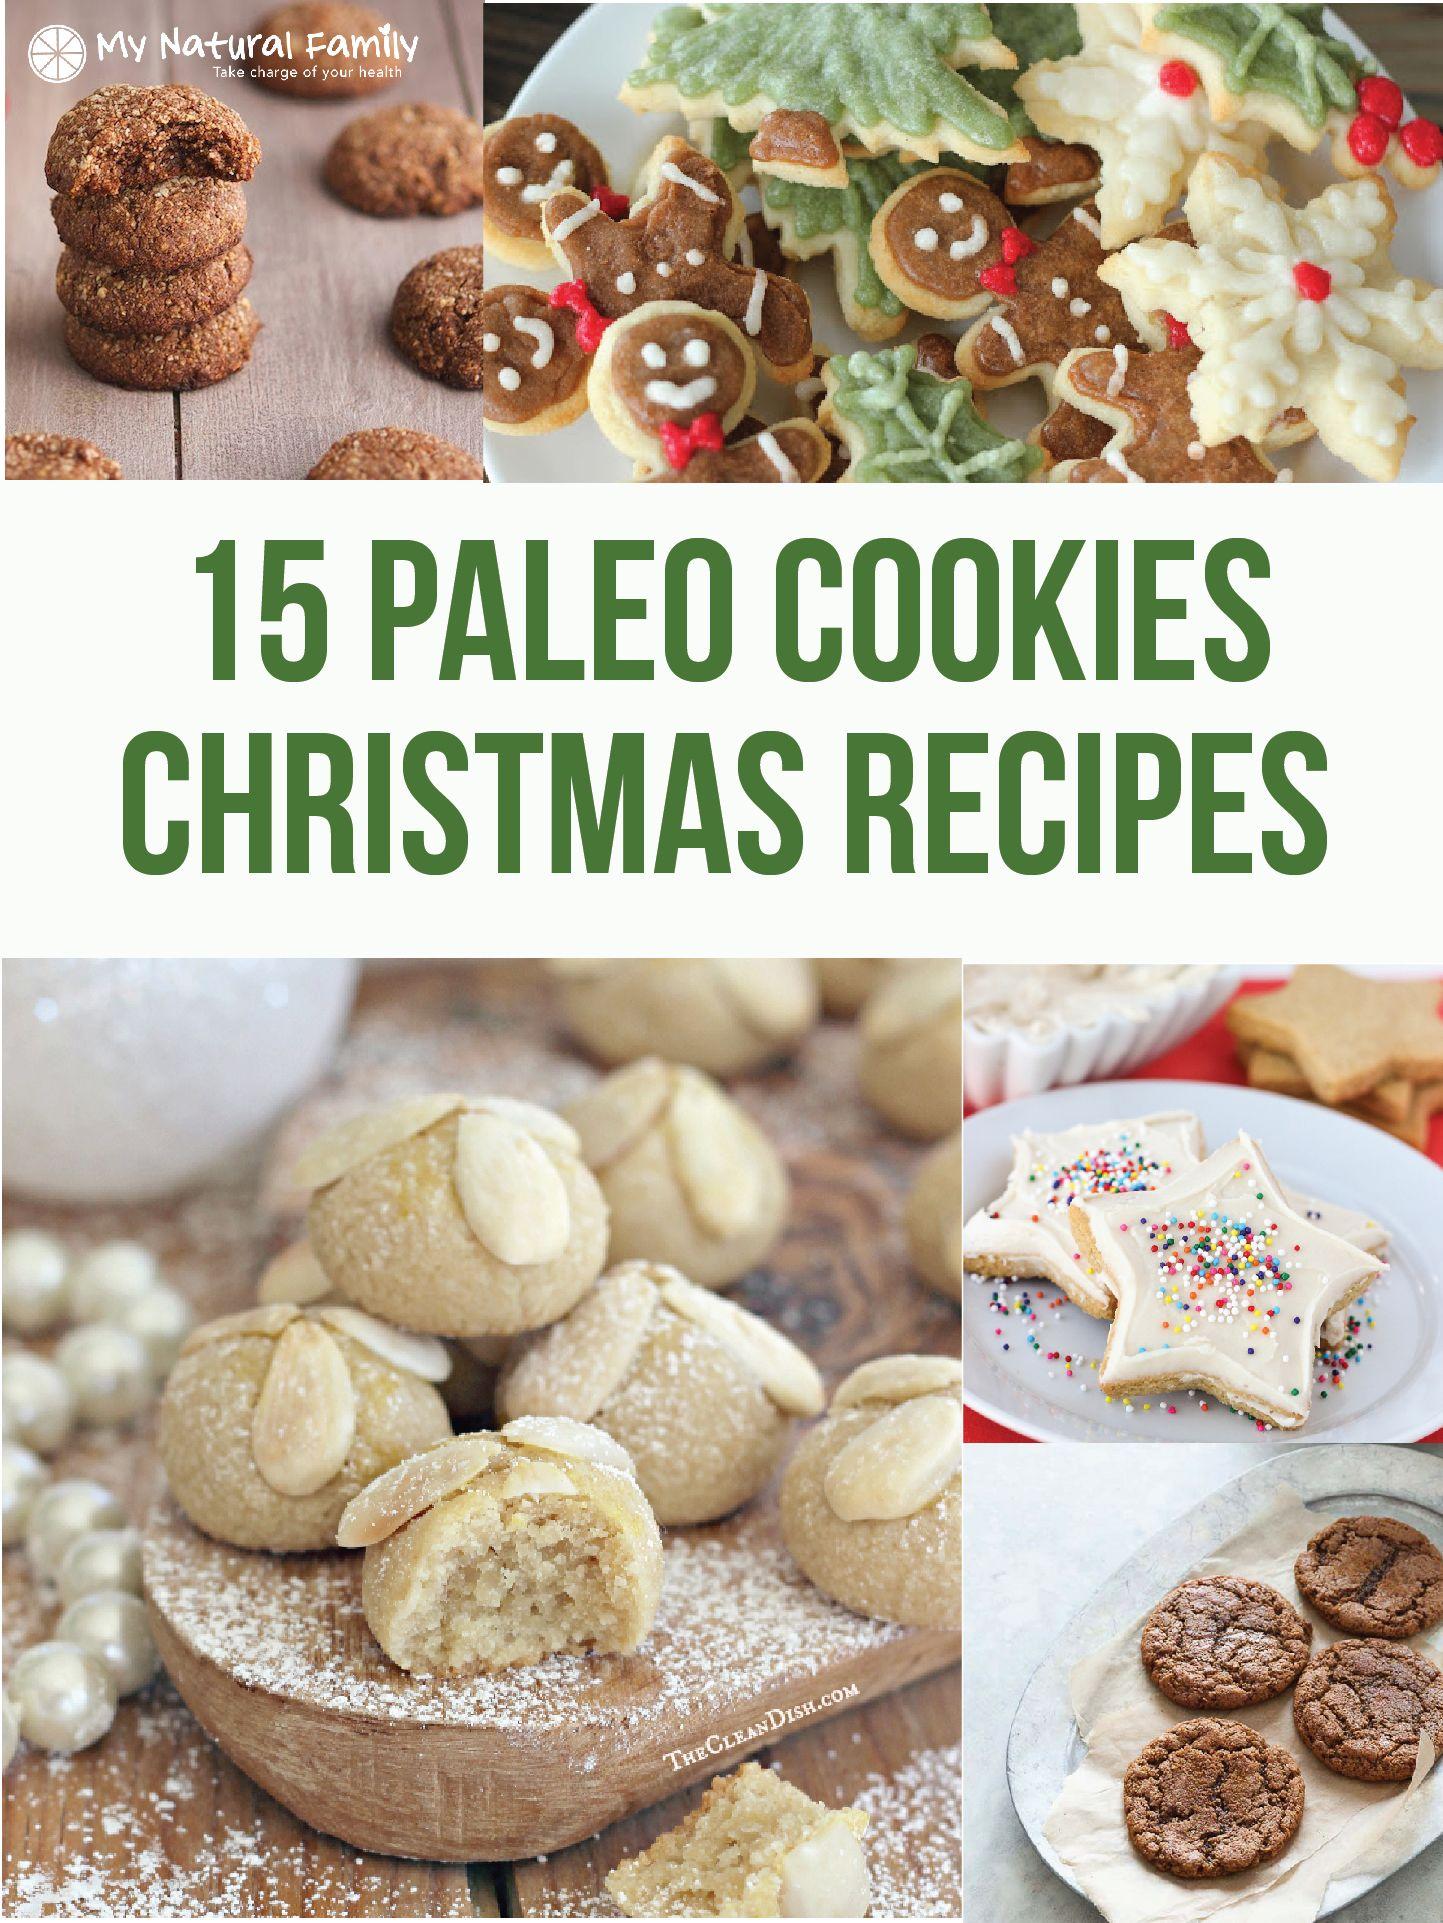 9 Of The Best Ever Paleo Christmas Recipes Paleo Recipes Paleo